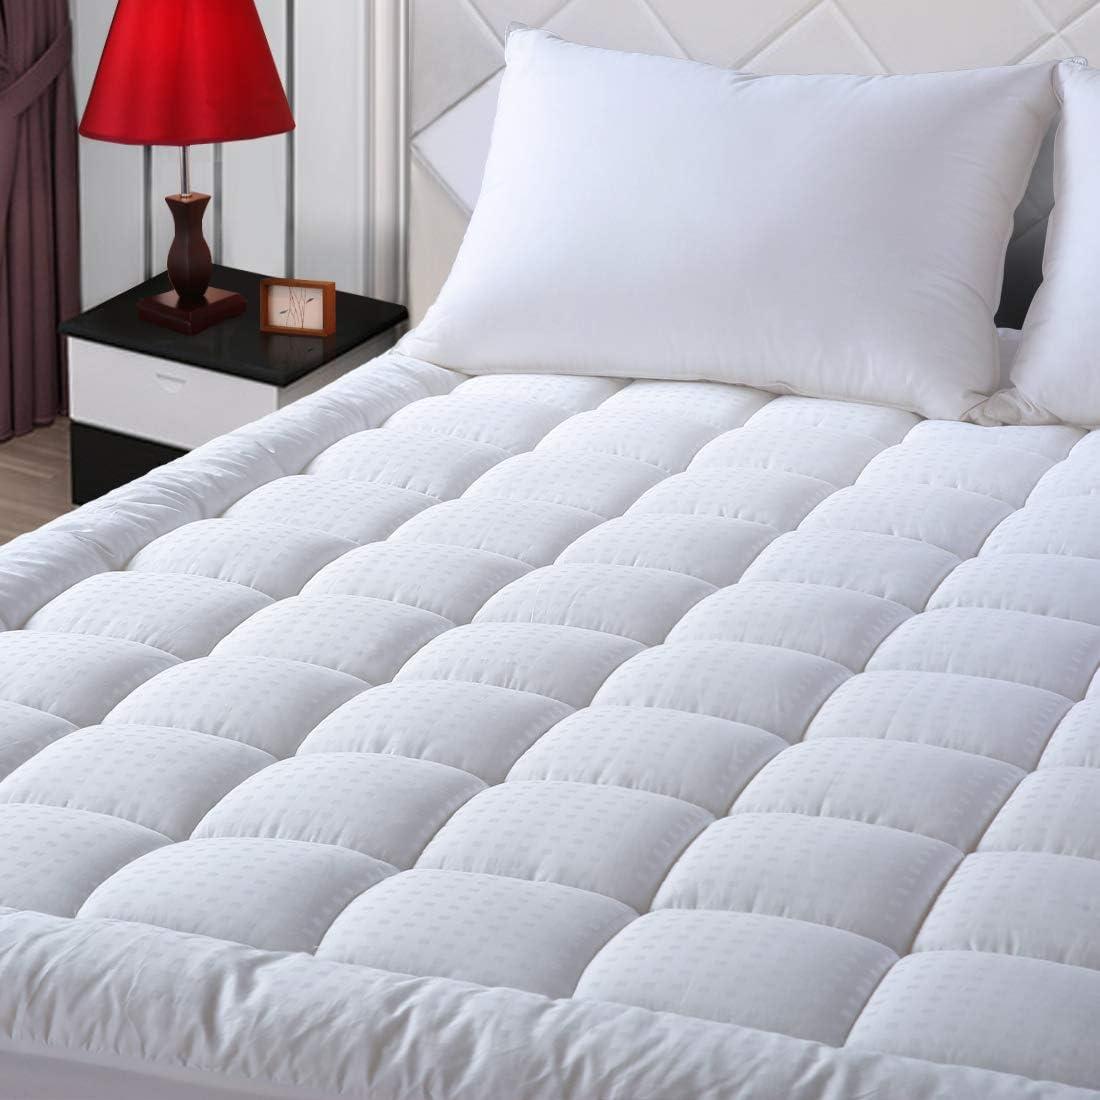 Amazon.com: EASELAND Queen Size Mattress Pad Pillow Top Mattress